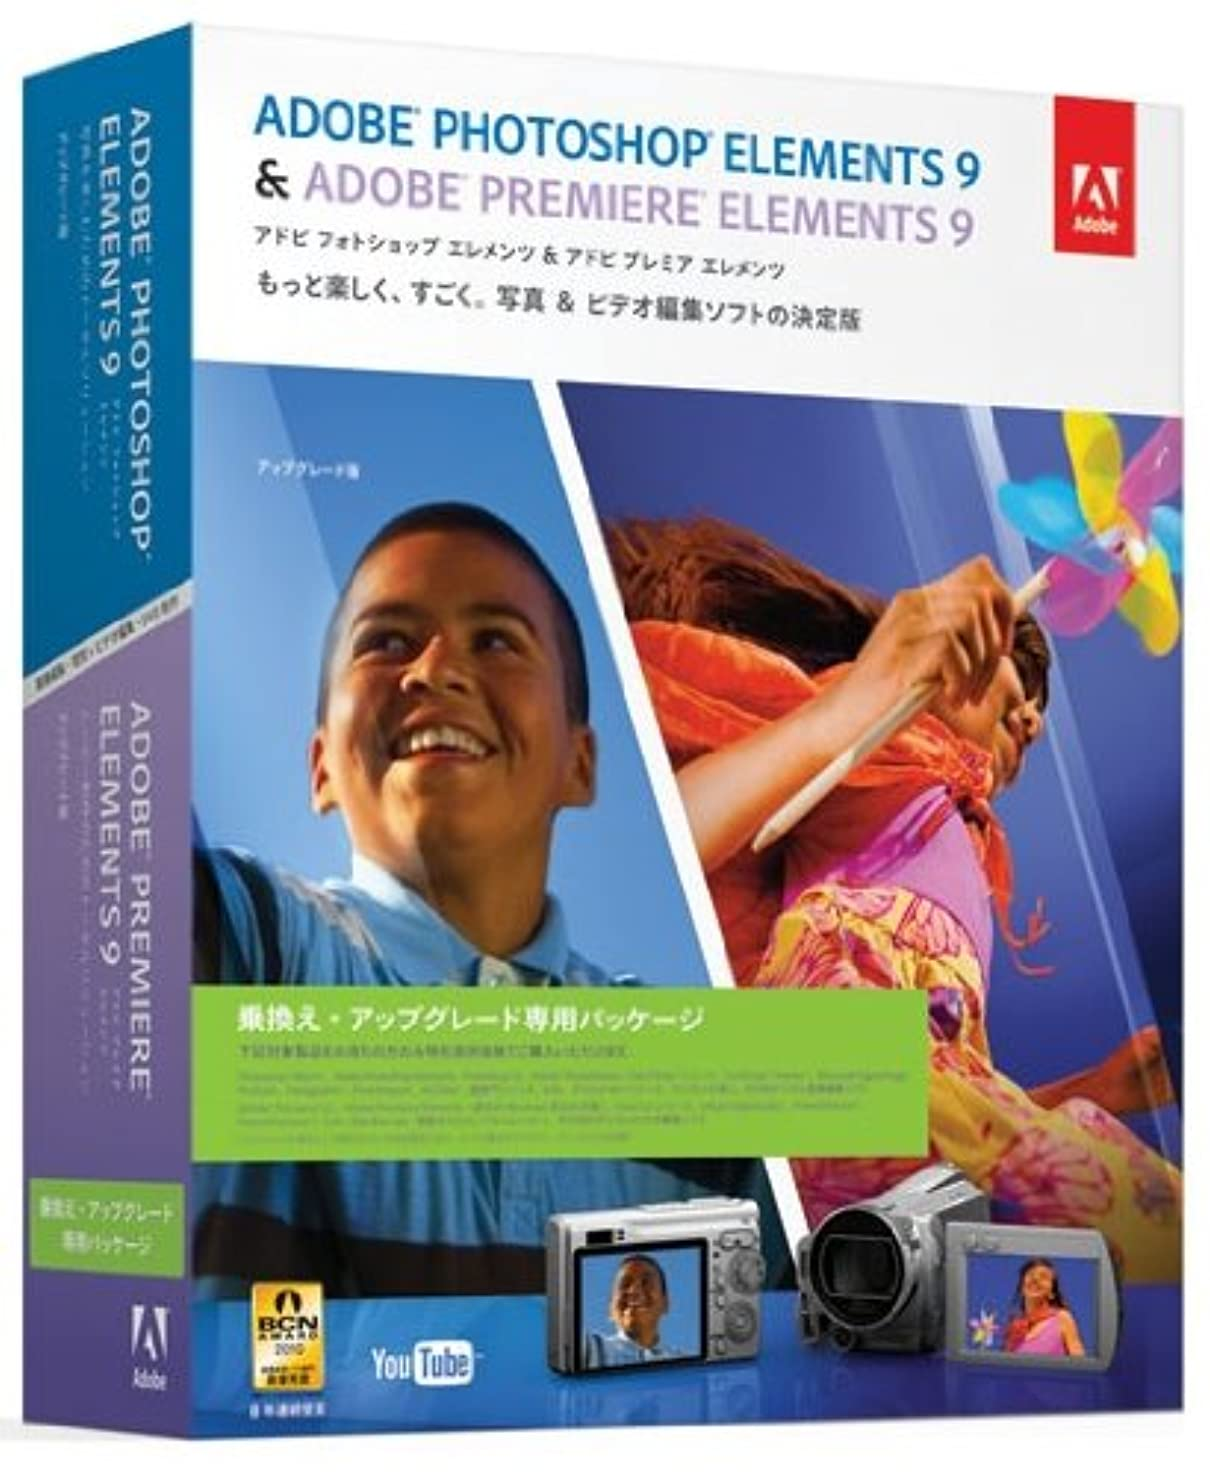 カタログ思いつく時計Adobe Photoshop Elements 9 & Adobe Premiere Elements 9 日本語版 乗換?アップグレード版 Windows/Macintosh版 (旧価格品)